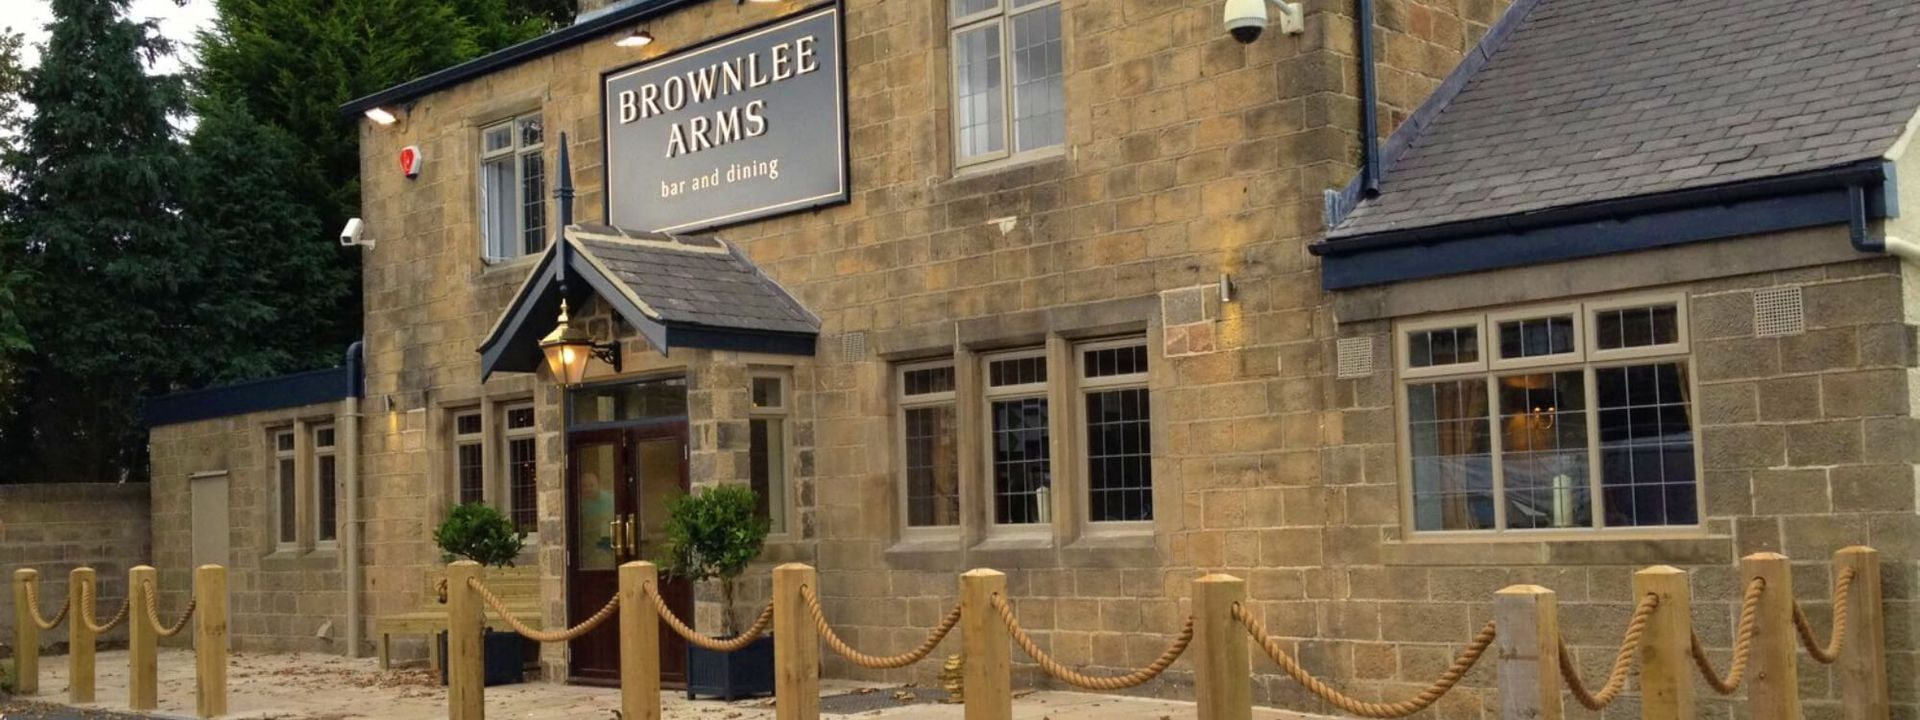 Brownlee Arms Pub